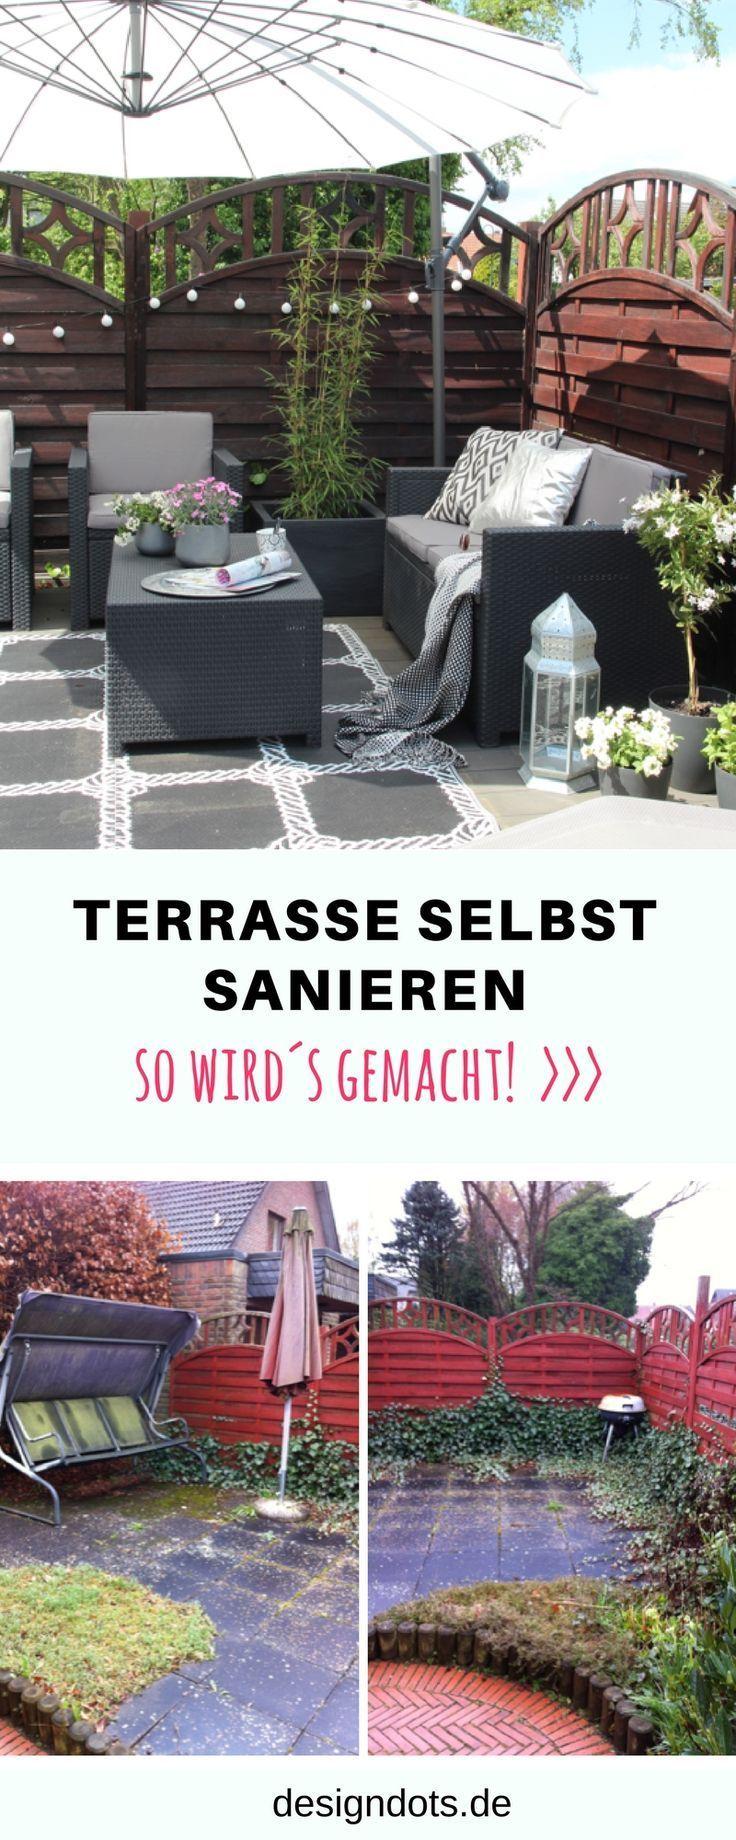 Terrasse Dekorieren Luxus Unsere Neue Diy Terrasse Design Dots Wohnkultur Diy Deko